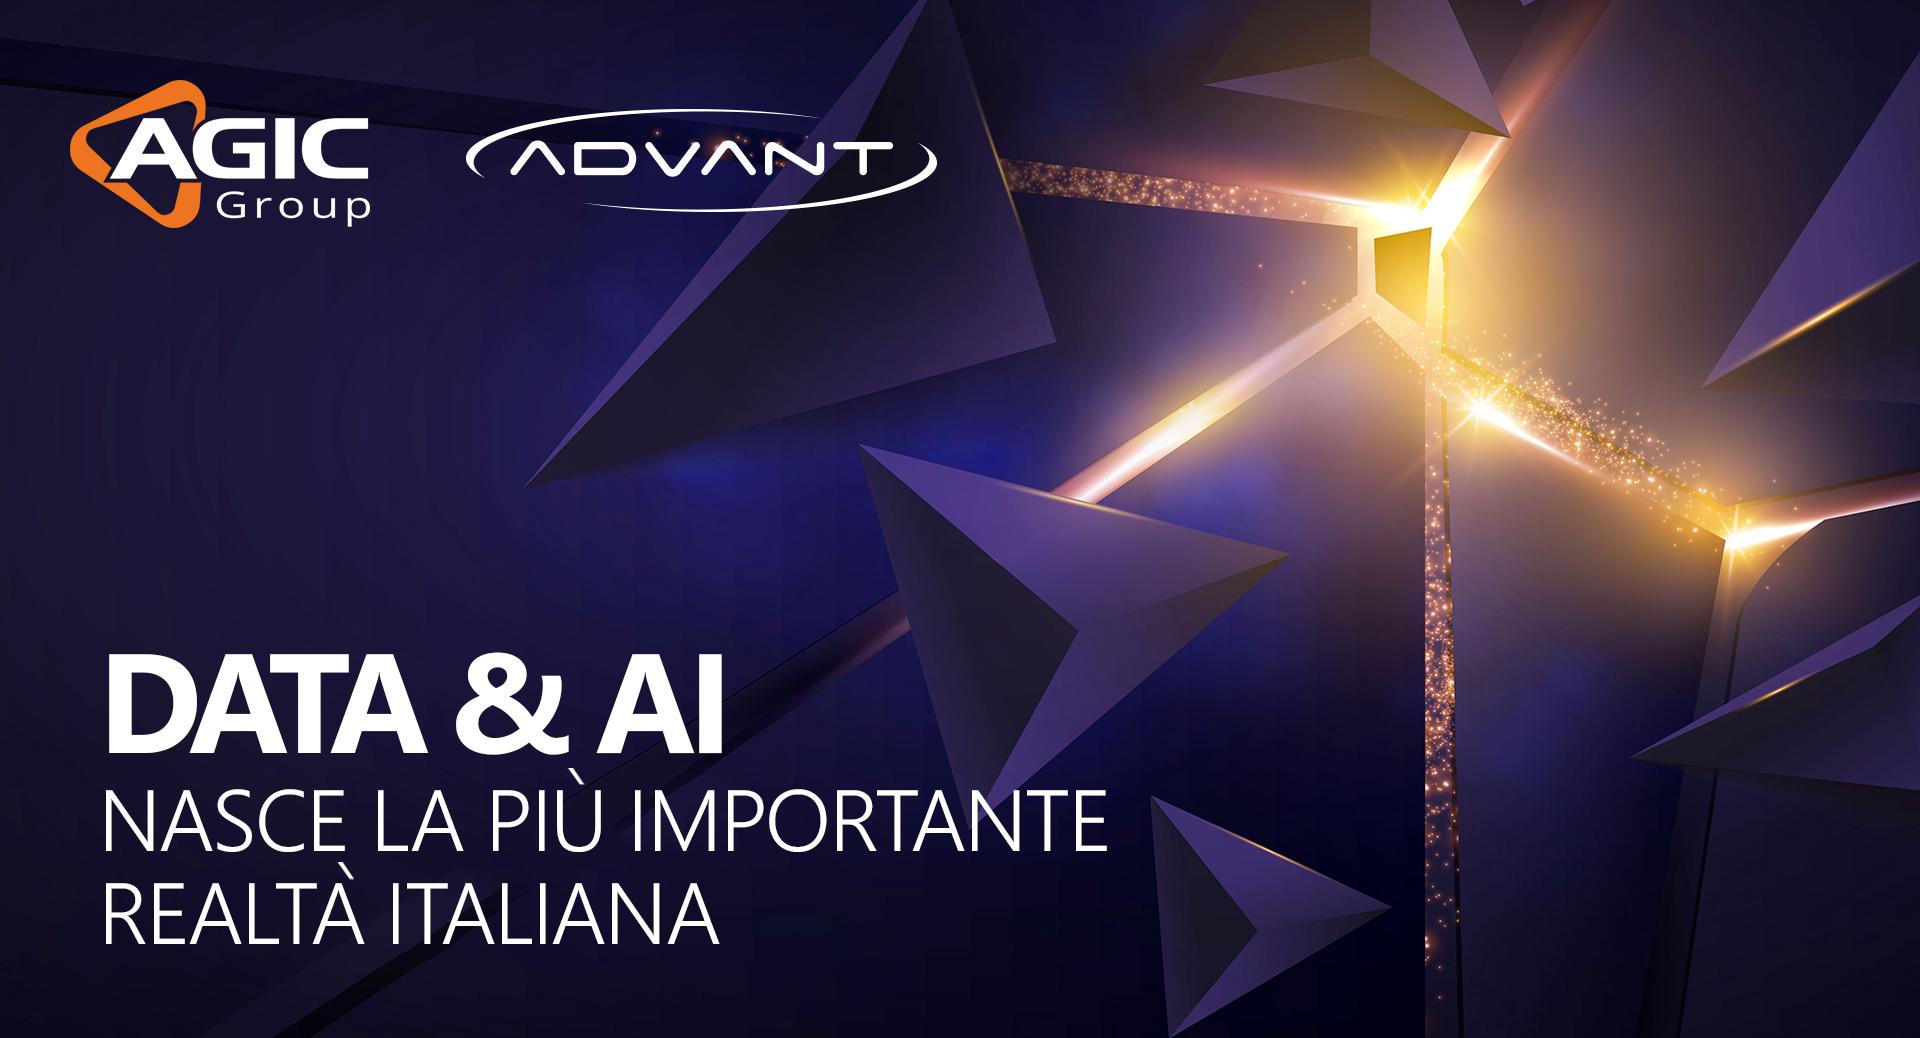 Nasce la più importante realtà italiana in ambito Data e AI